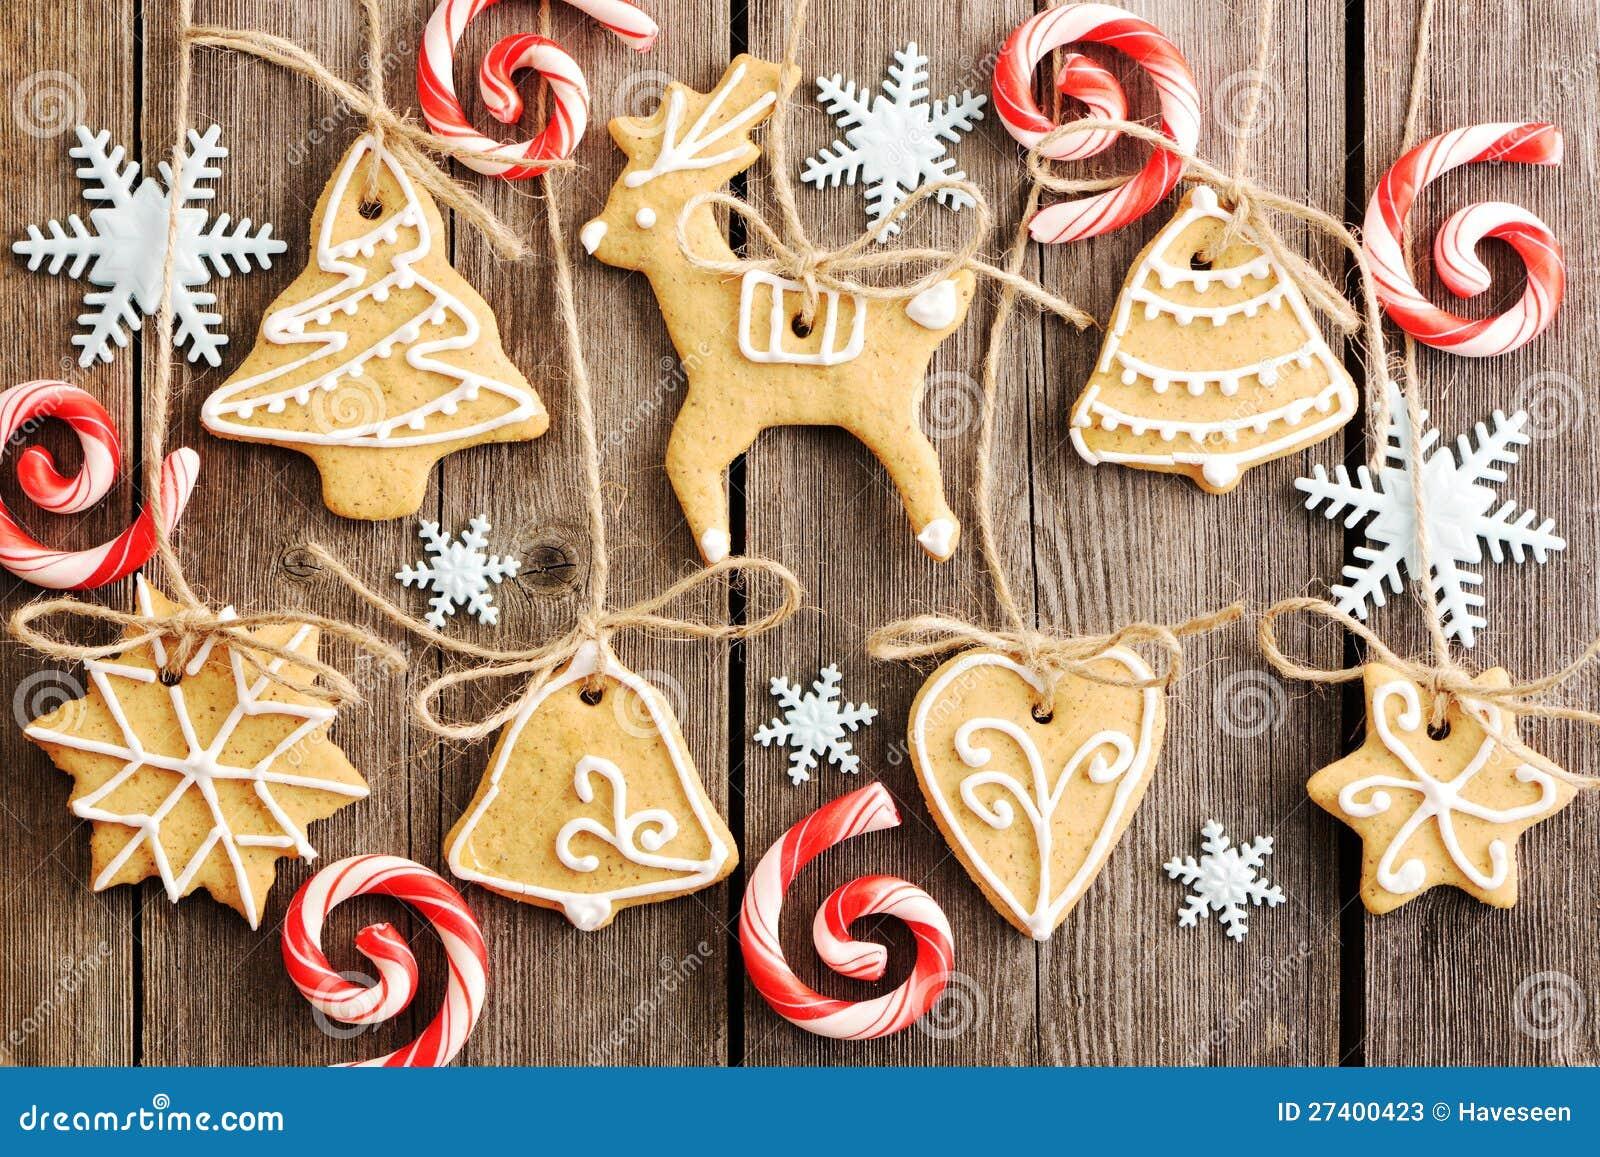 Biscuits faits maison de pain d 39 pice de no l photos stock for Maison en biscuit de noel